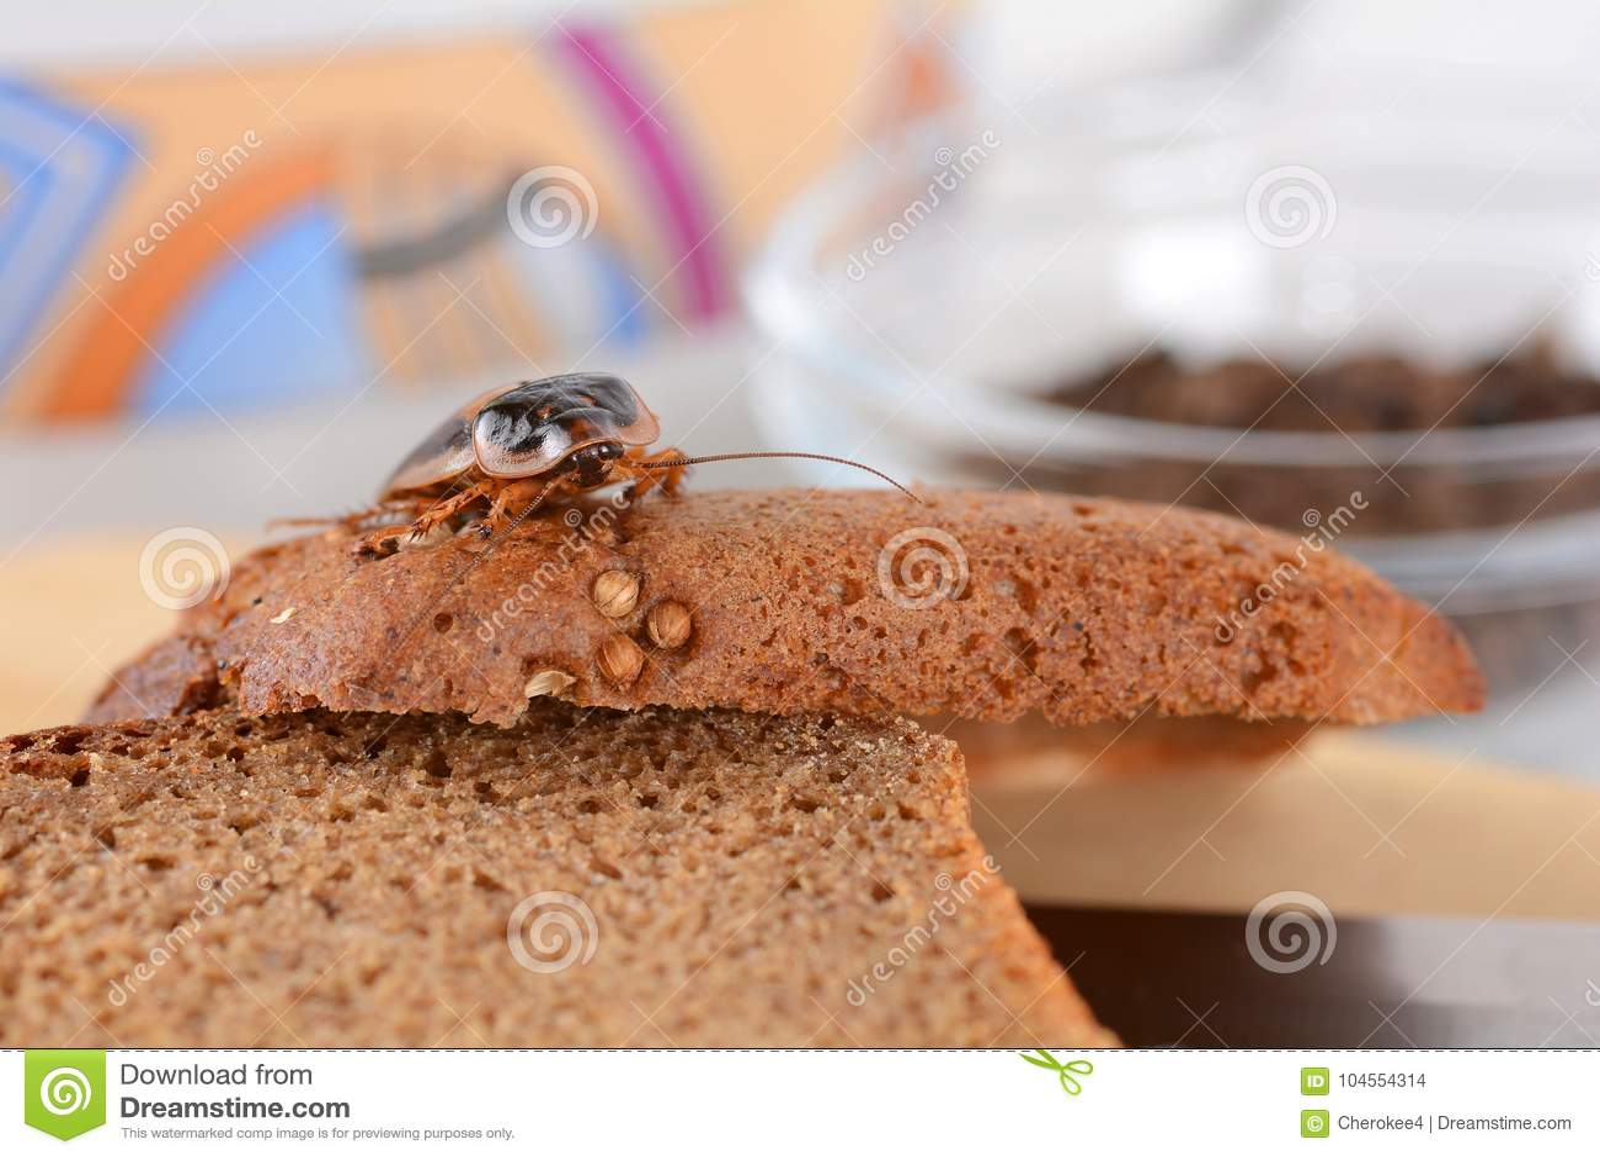 蟑螂在厨房里 由于蟑螂,问题是在房子里 吃在厨房里的蟑螂